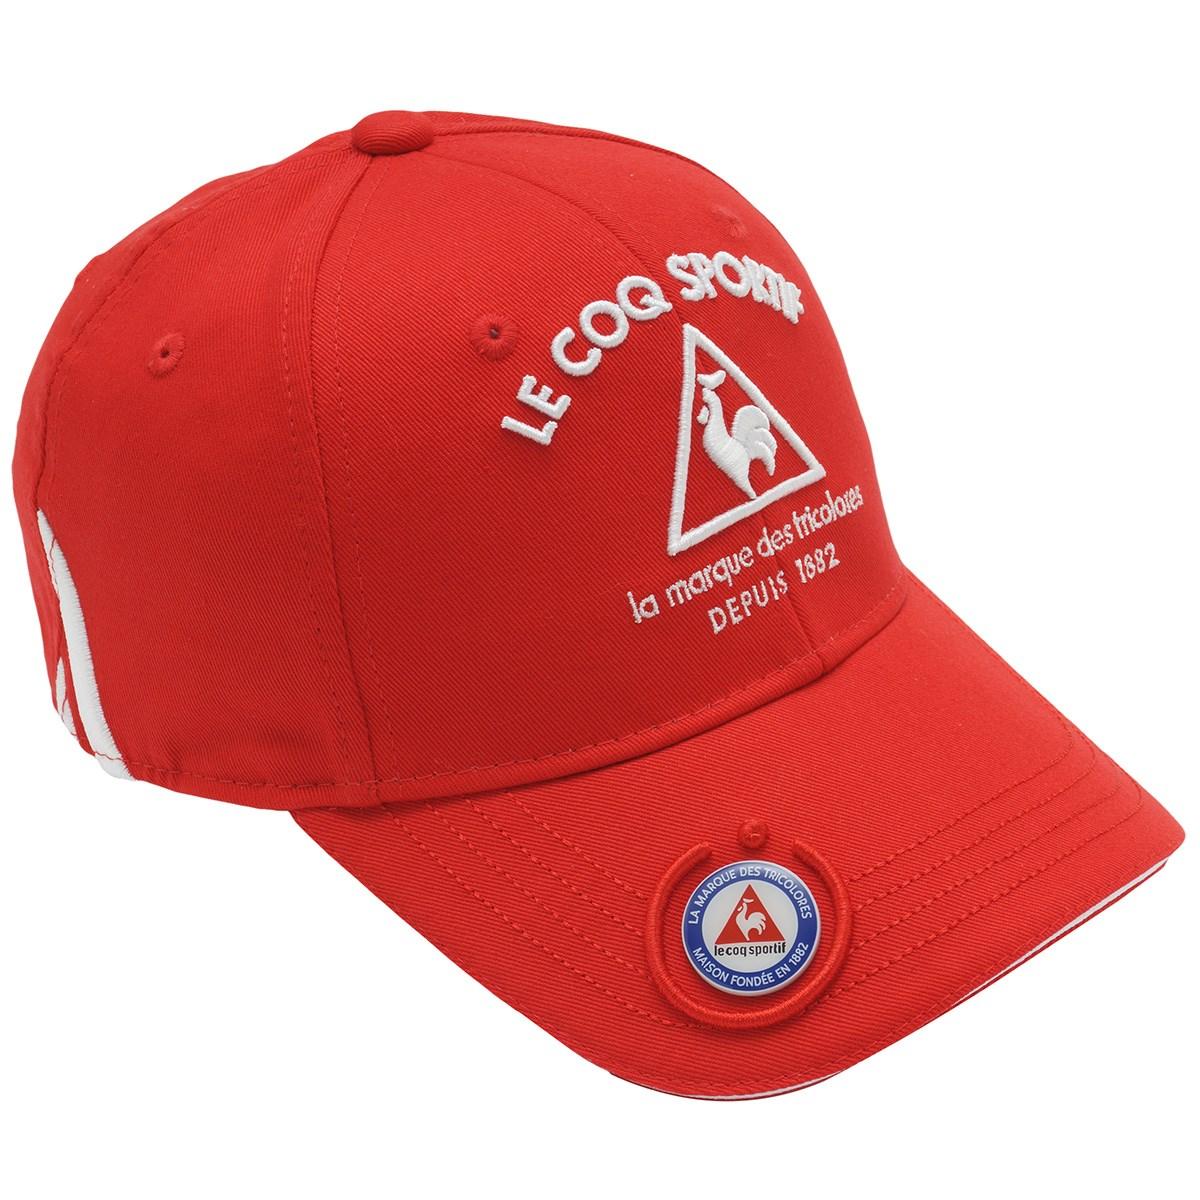 ルコックゴルフ Le coq sportif GOLF コットンツイルマーカー付きキャップ フリー レッド 00 レディス